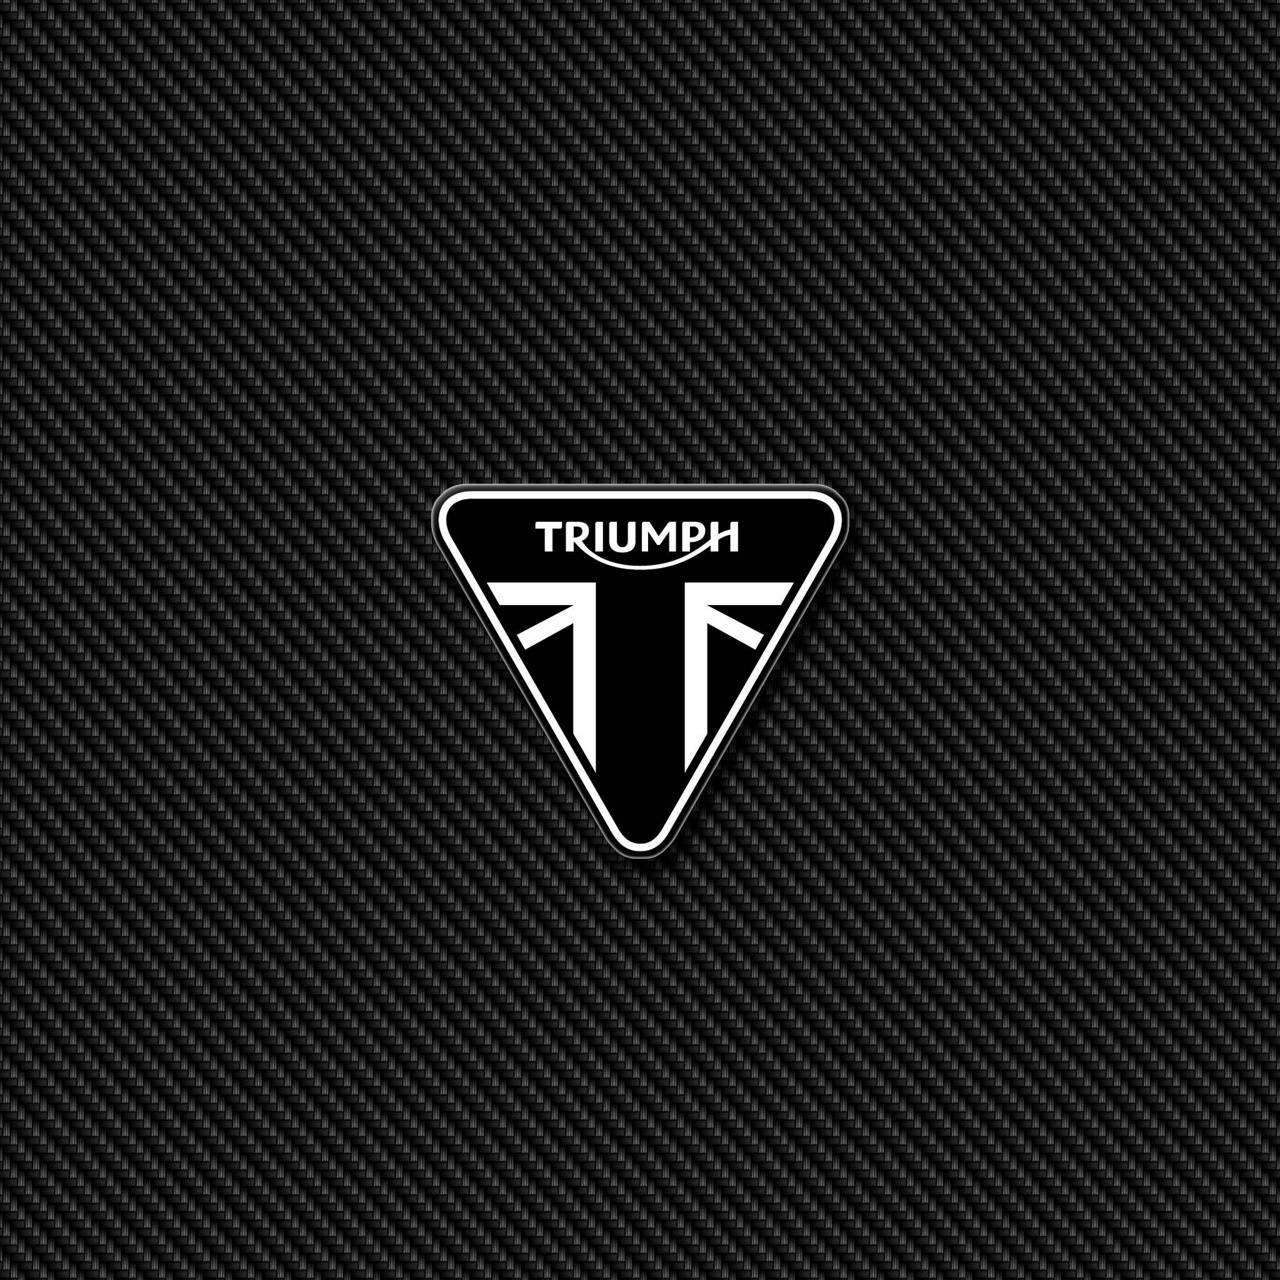 Triumph Carbon 2